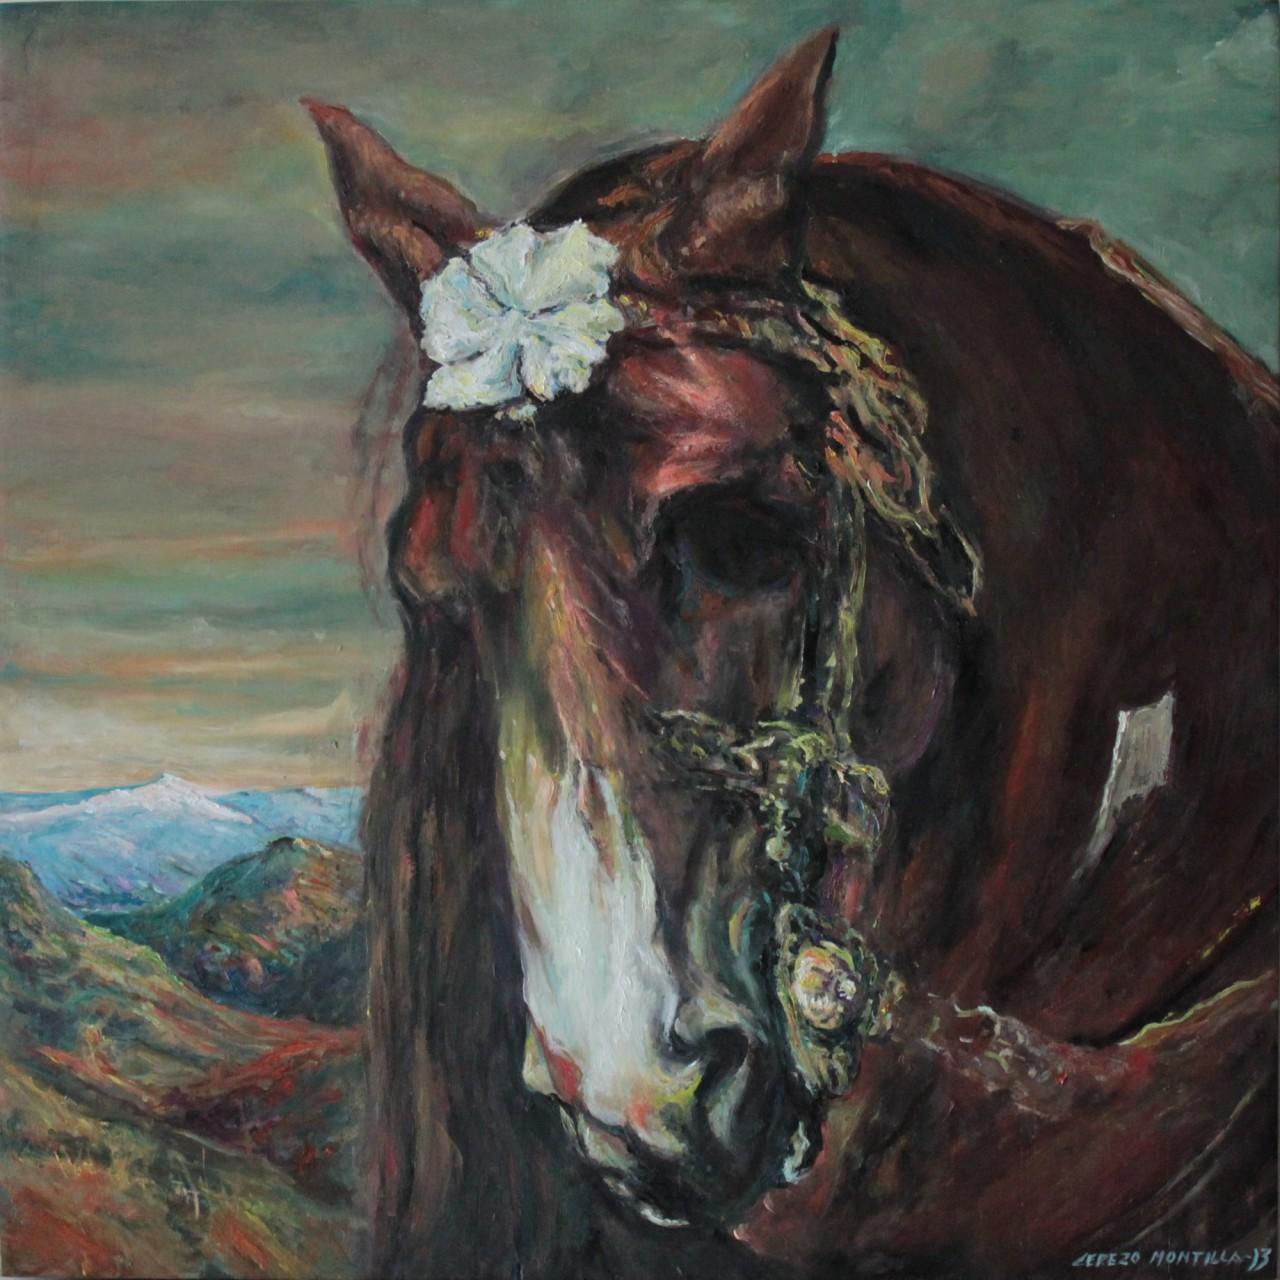 Nazari Horse - Cerezo Montilla - compar cuadros modernos, comprar cuadros, cuadros modernos